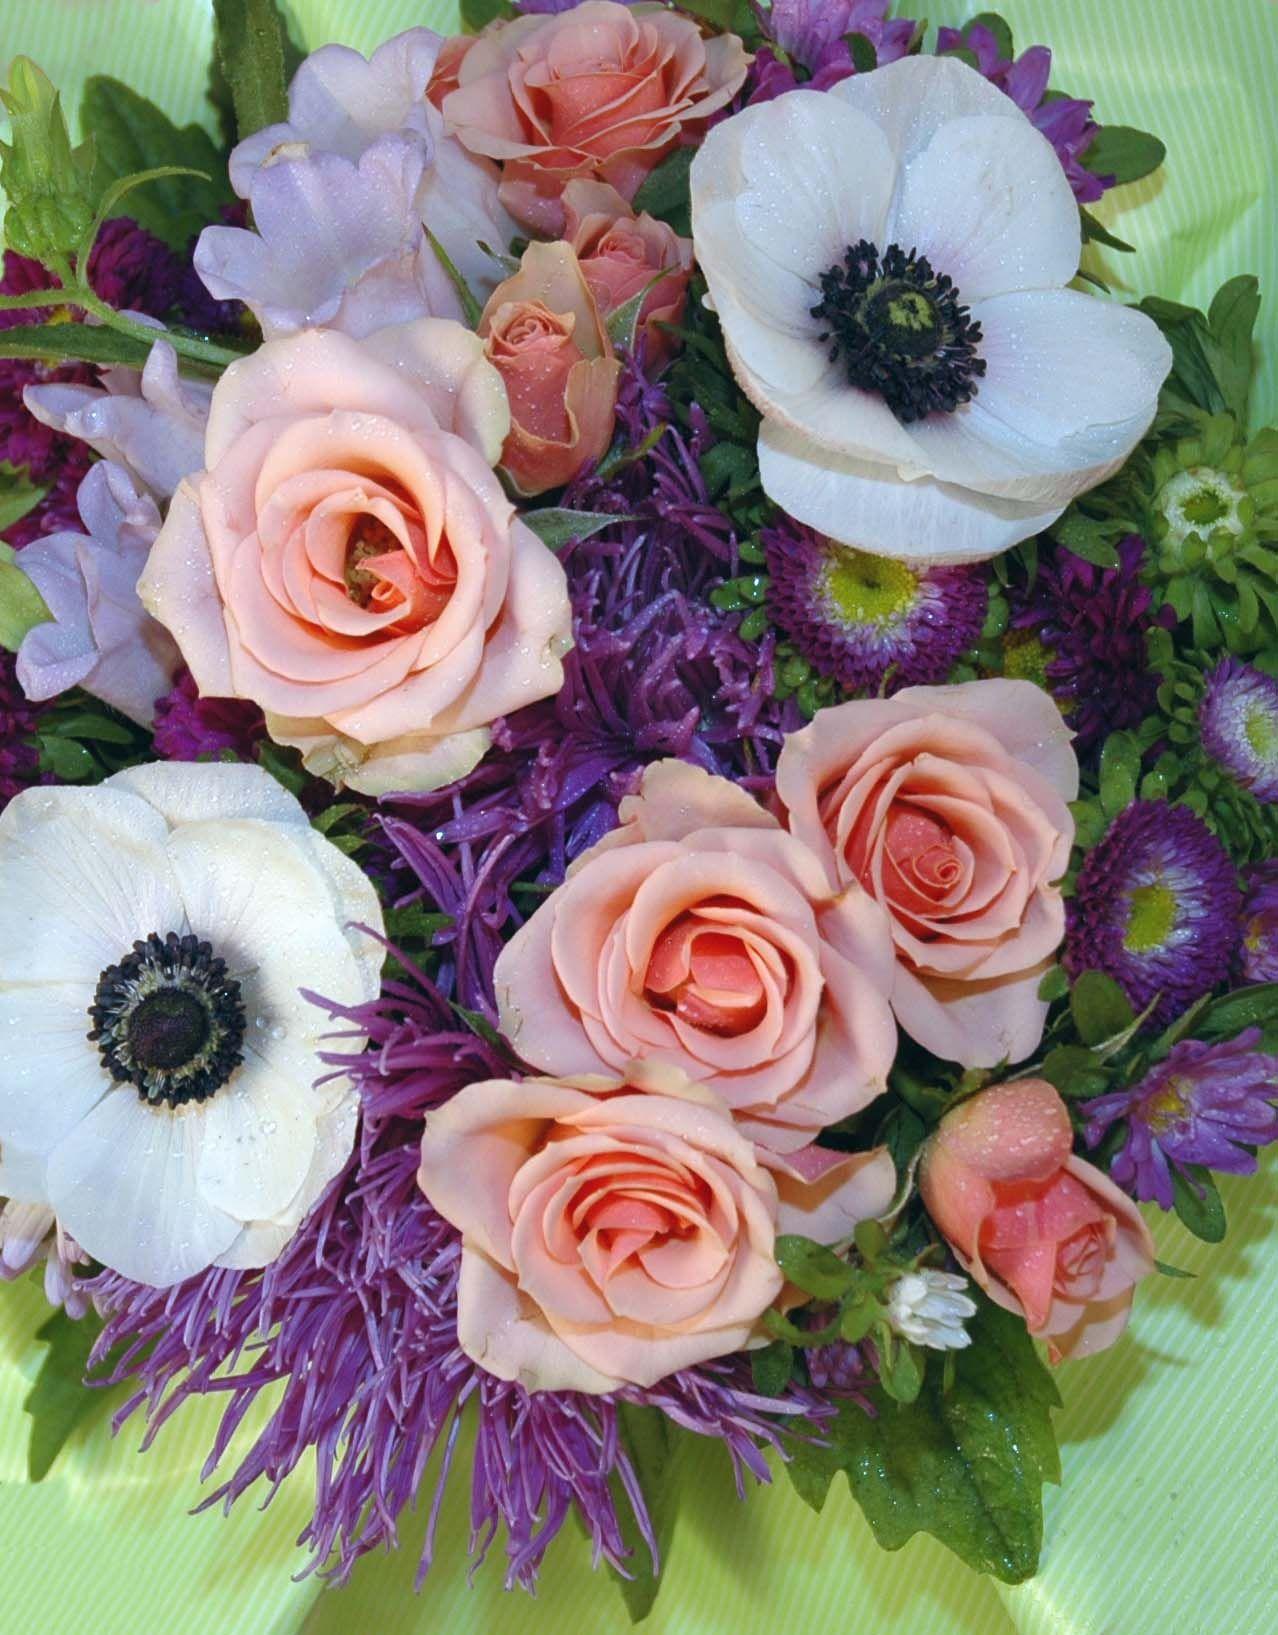 Flowers roses wedding wholesale online send birthday bulk flowers roses wedding wholesale online send birthday bulk izmirmasajfo